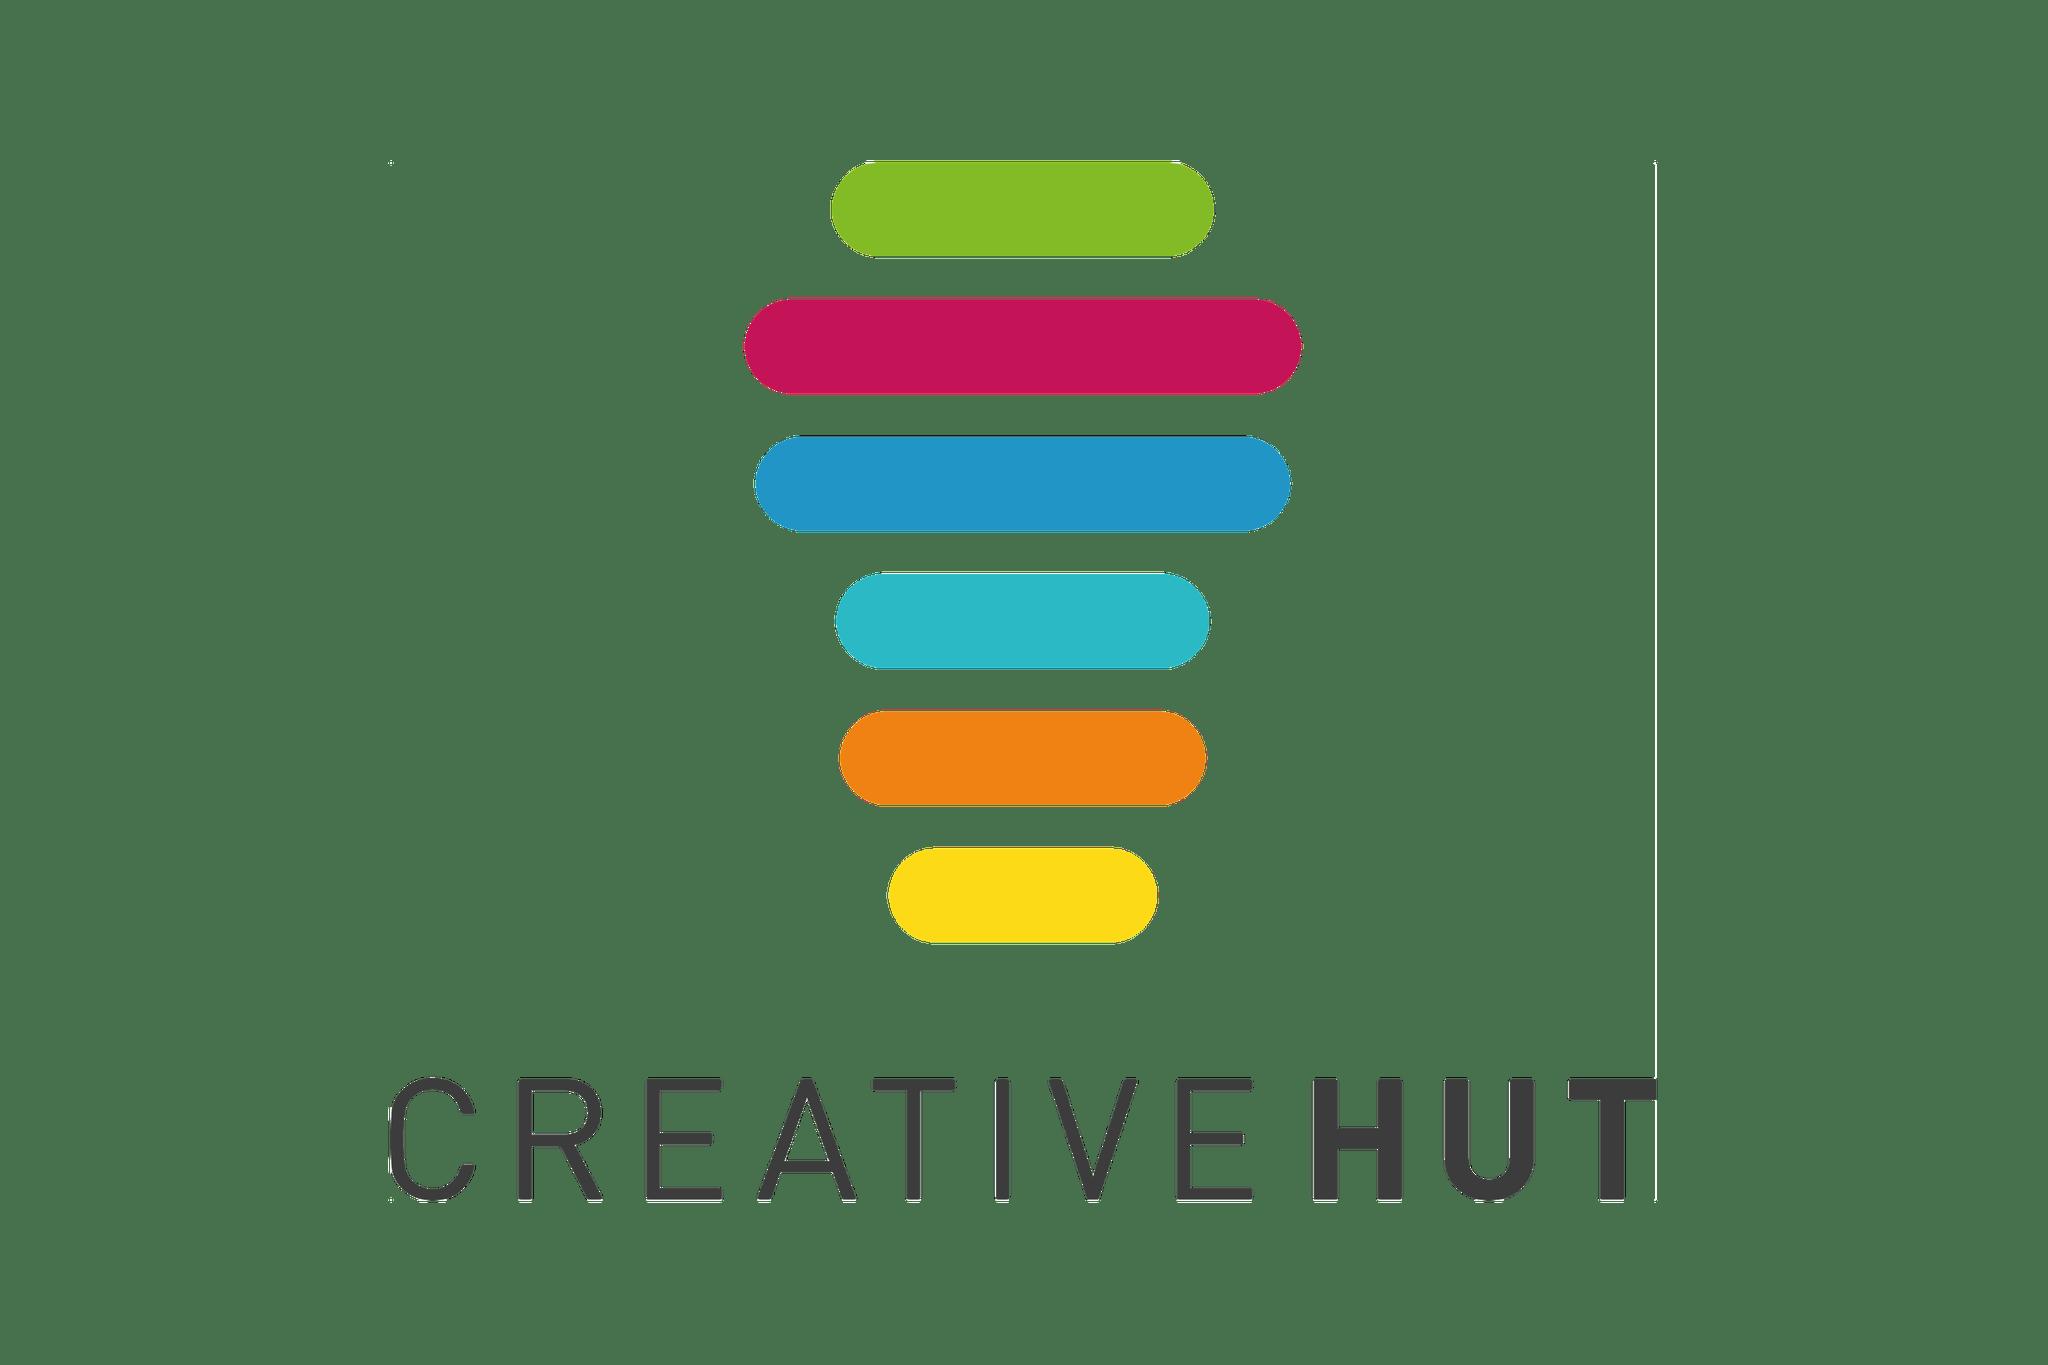 Creative Hut